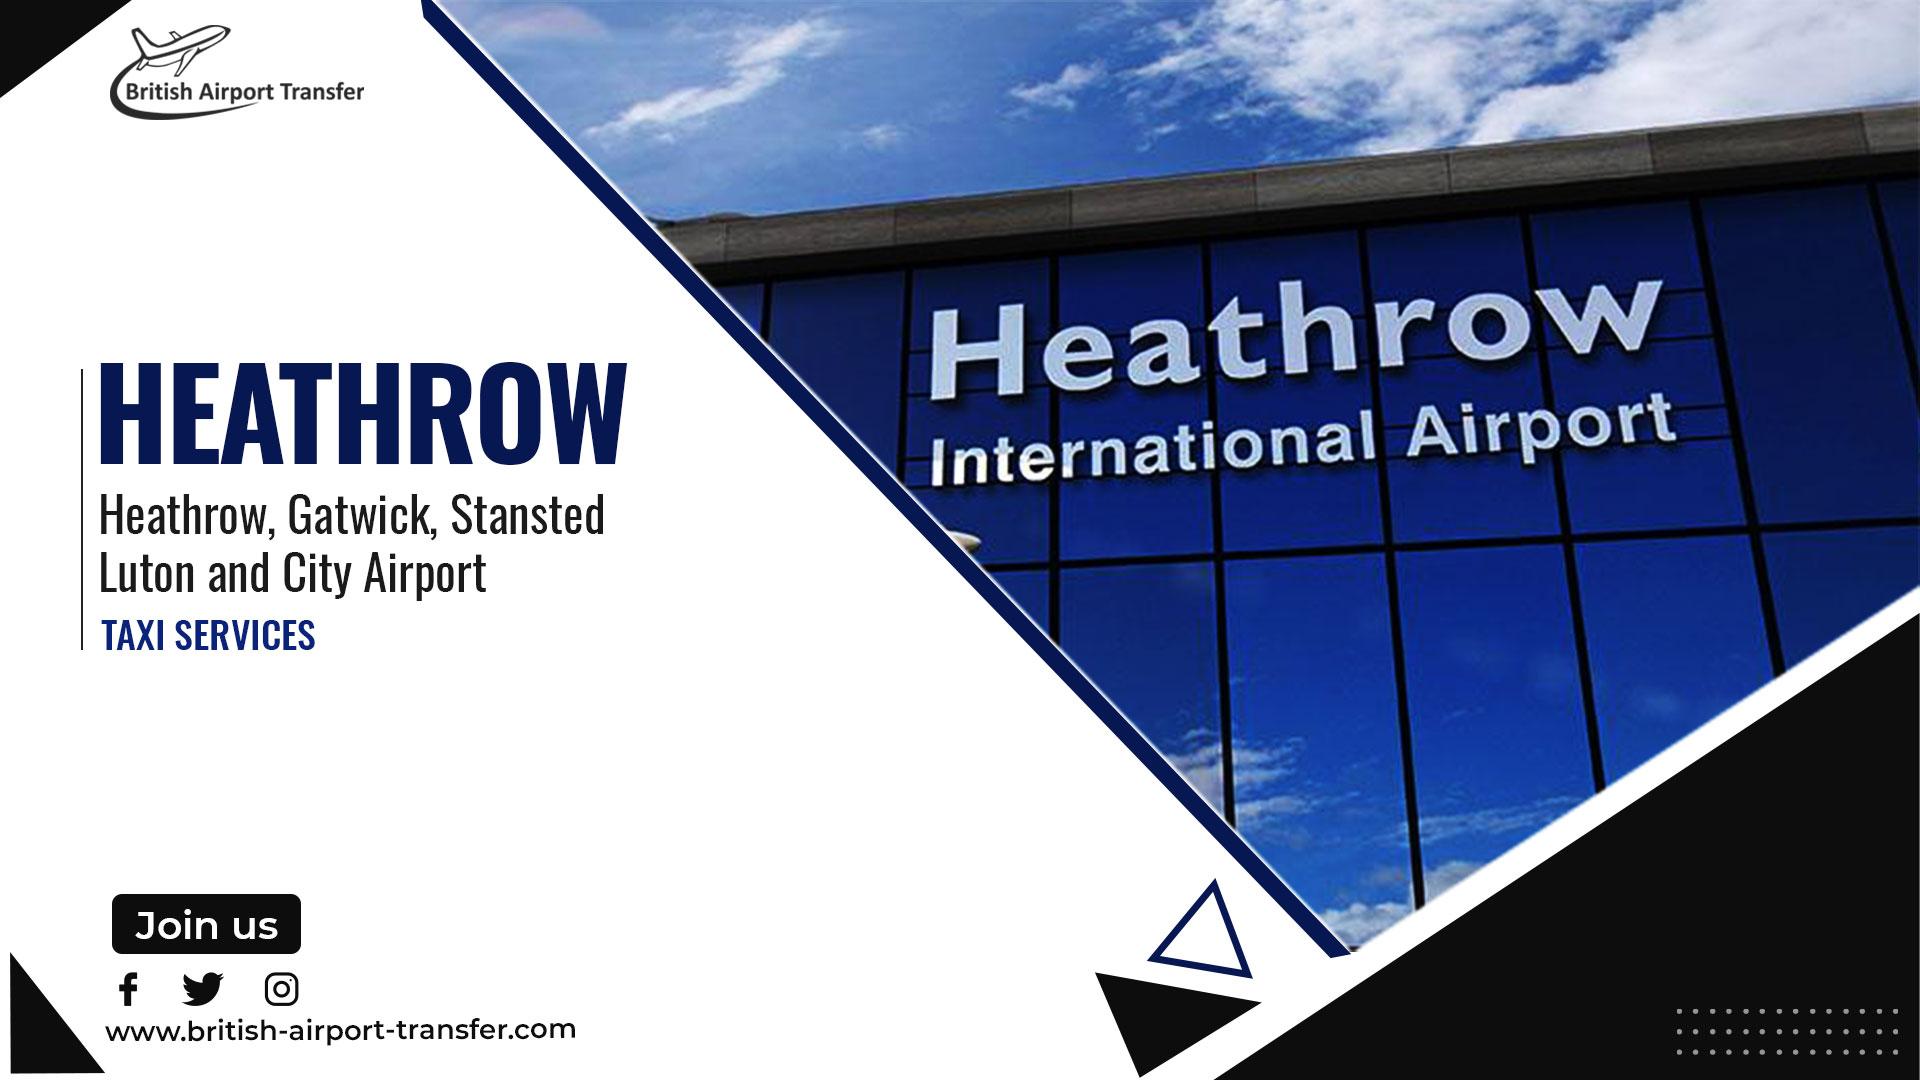 Heathrow Taxi Service